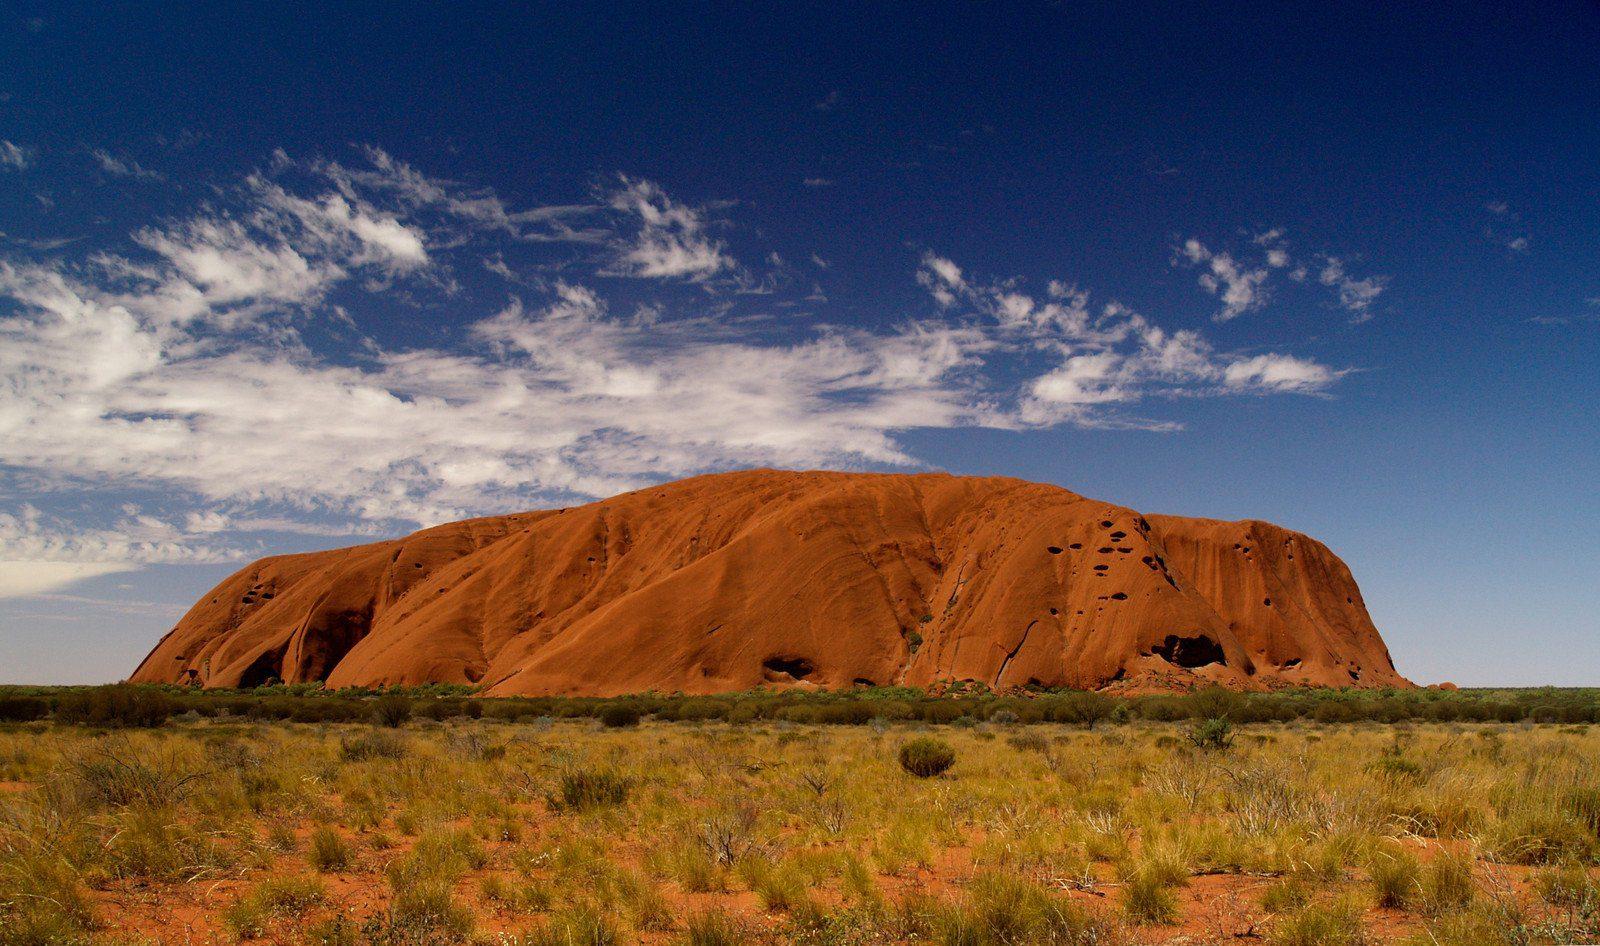 Uluru (Ayers Rock) in the Northern Territory, Australia